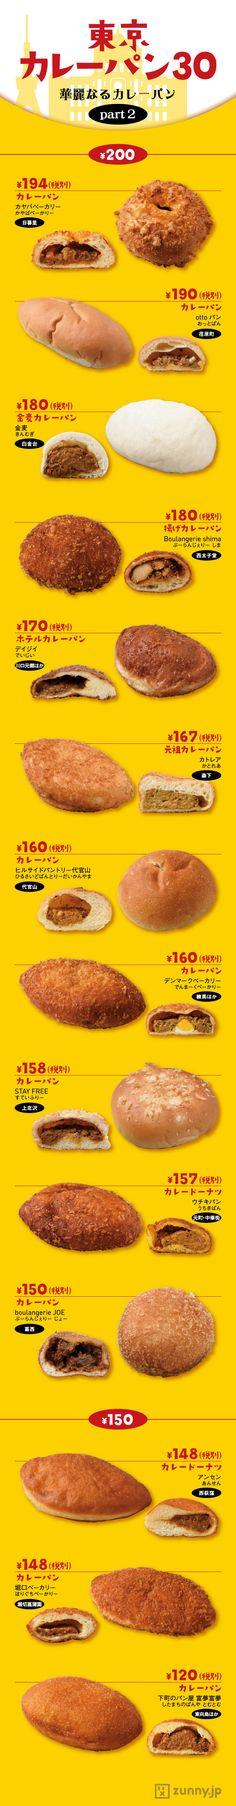 サクサクおいしい150円台カレーパン